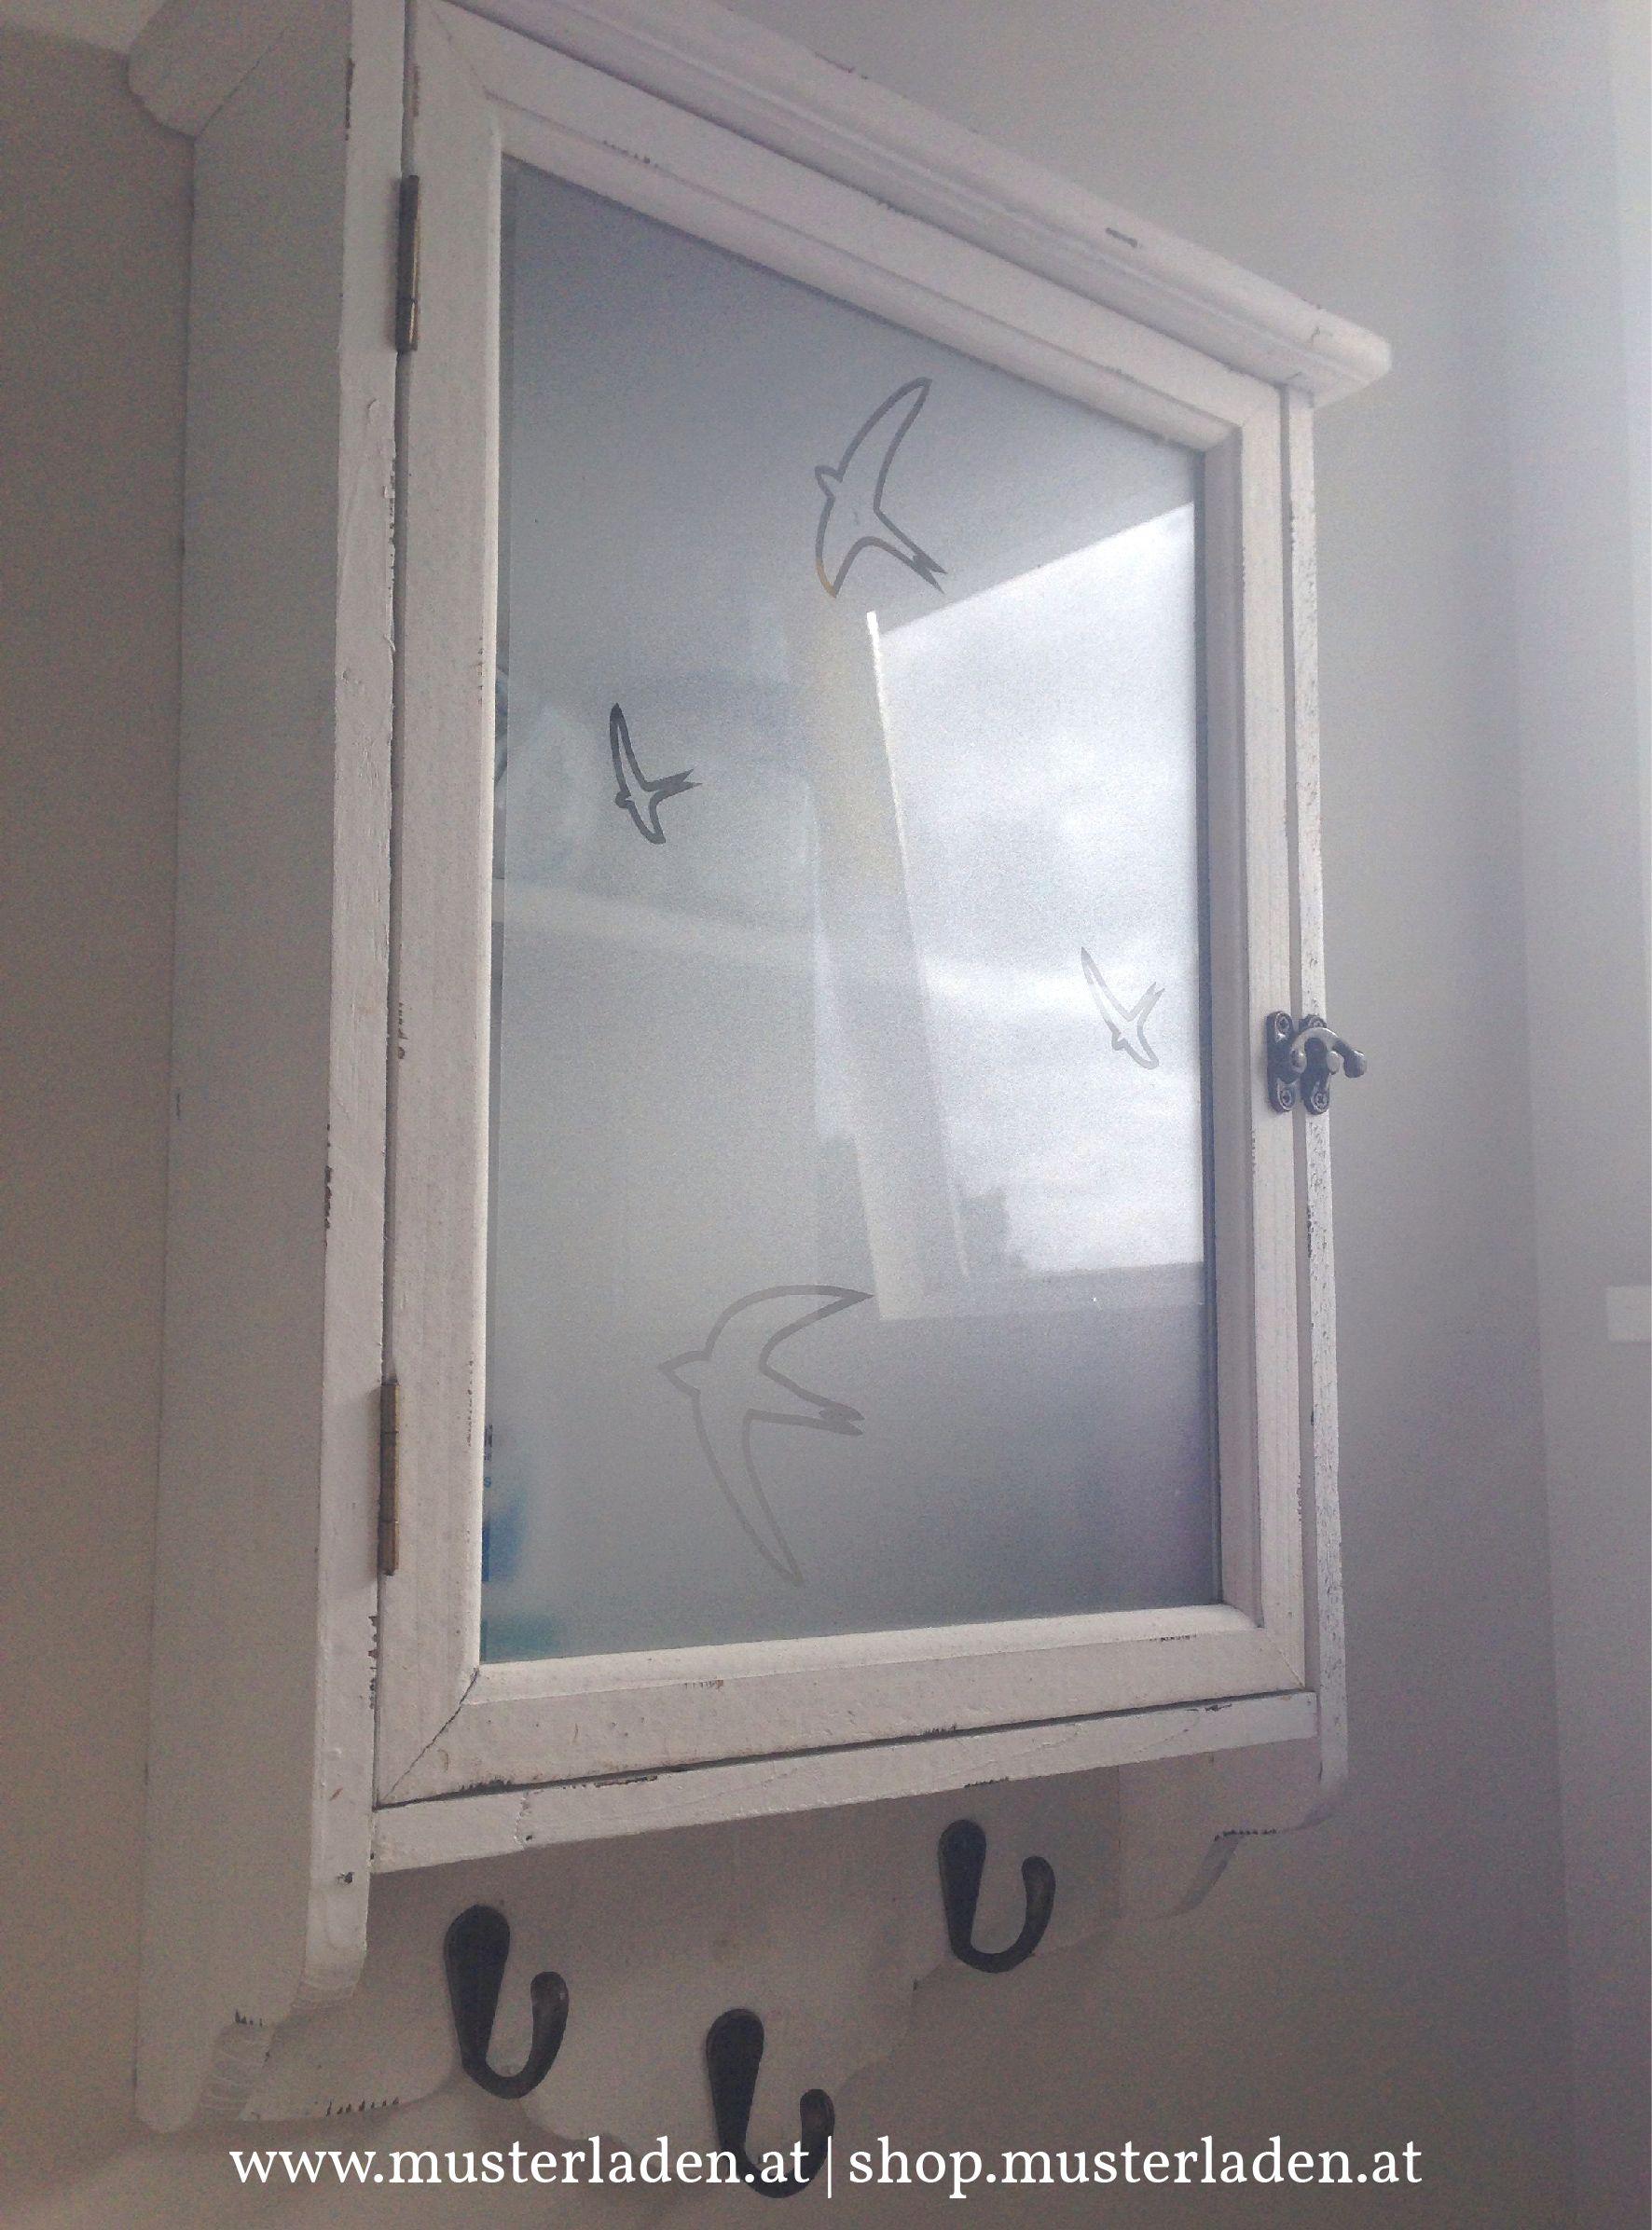 Sichtschutz Fur Glasturen In Schranken Oder Kastchen Und Ist